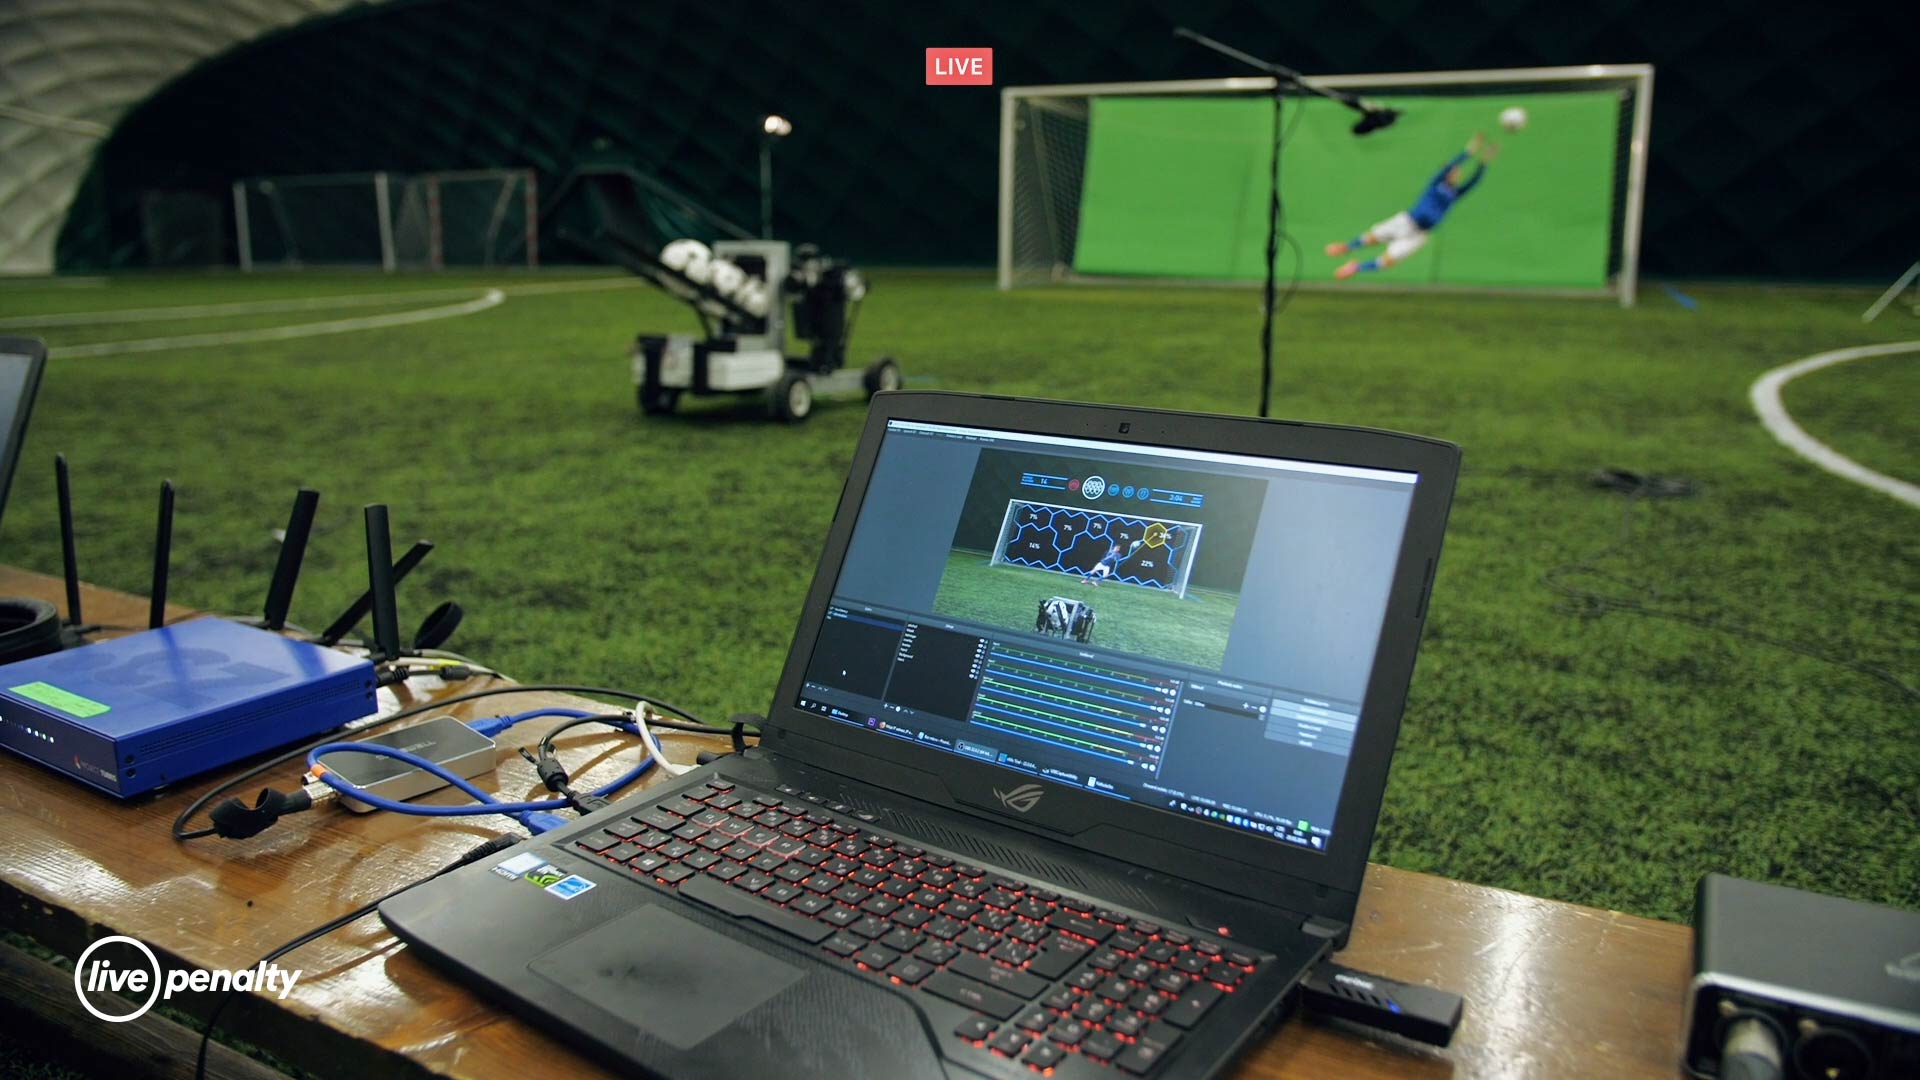 Pohled na tvorbu eliminační fotbalové hry Live Penalty